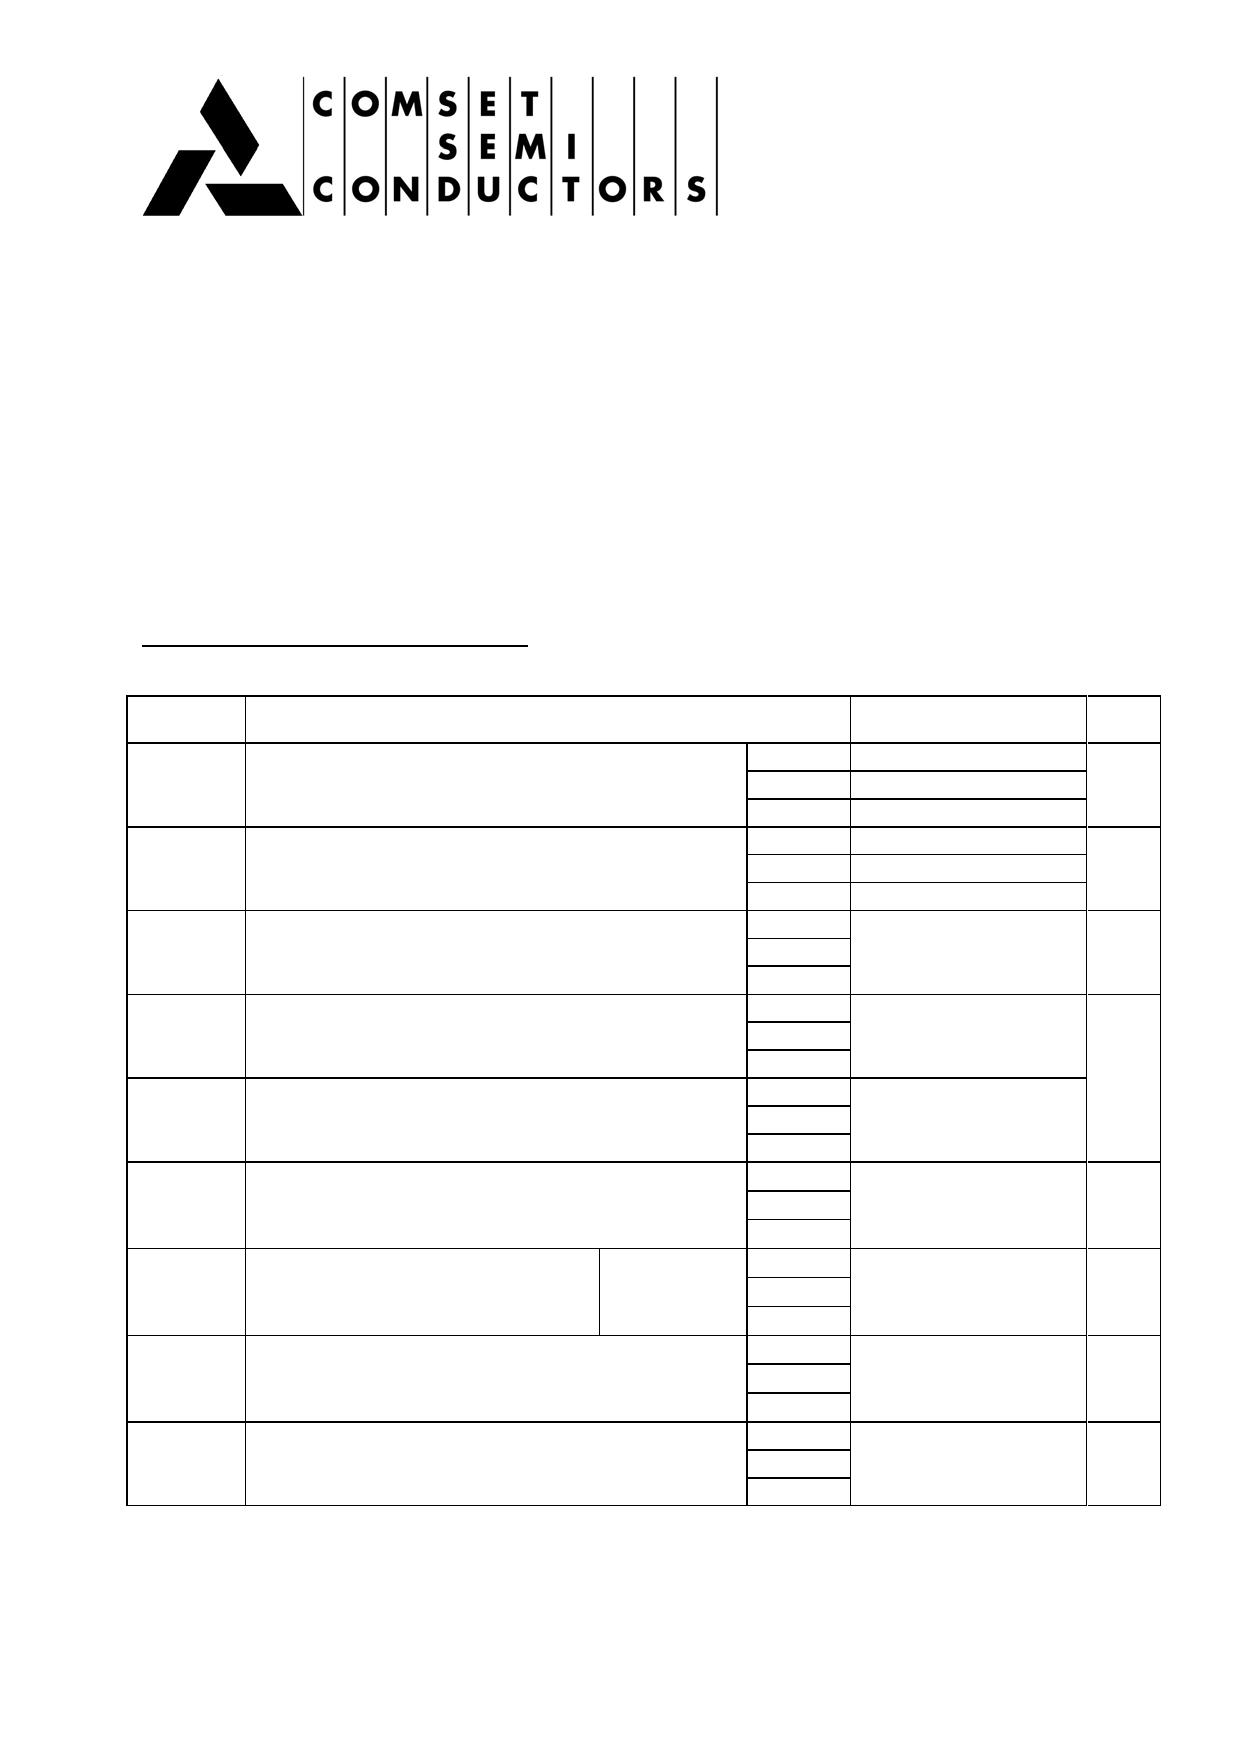 2N6284 دیتاشیت PDF